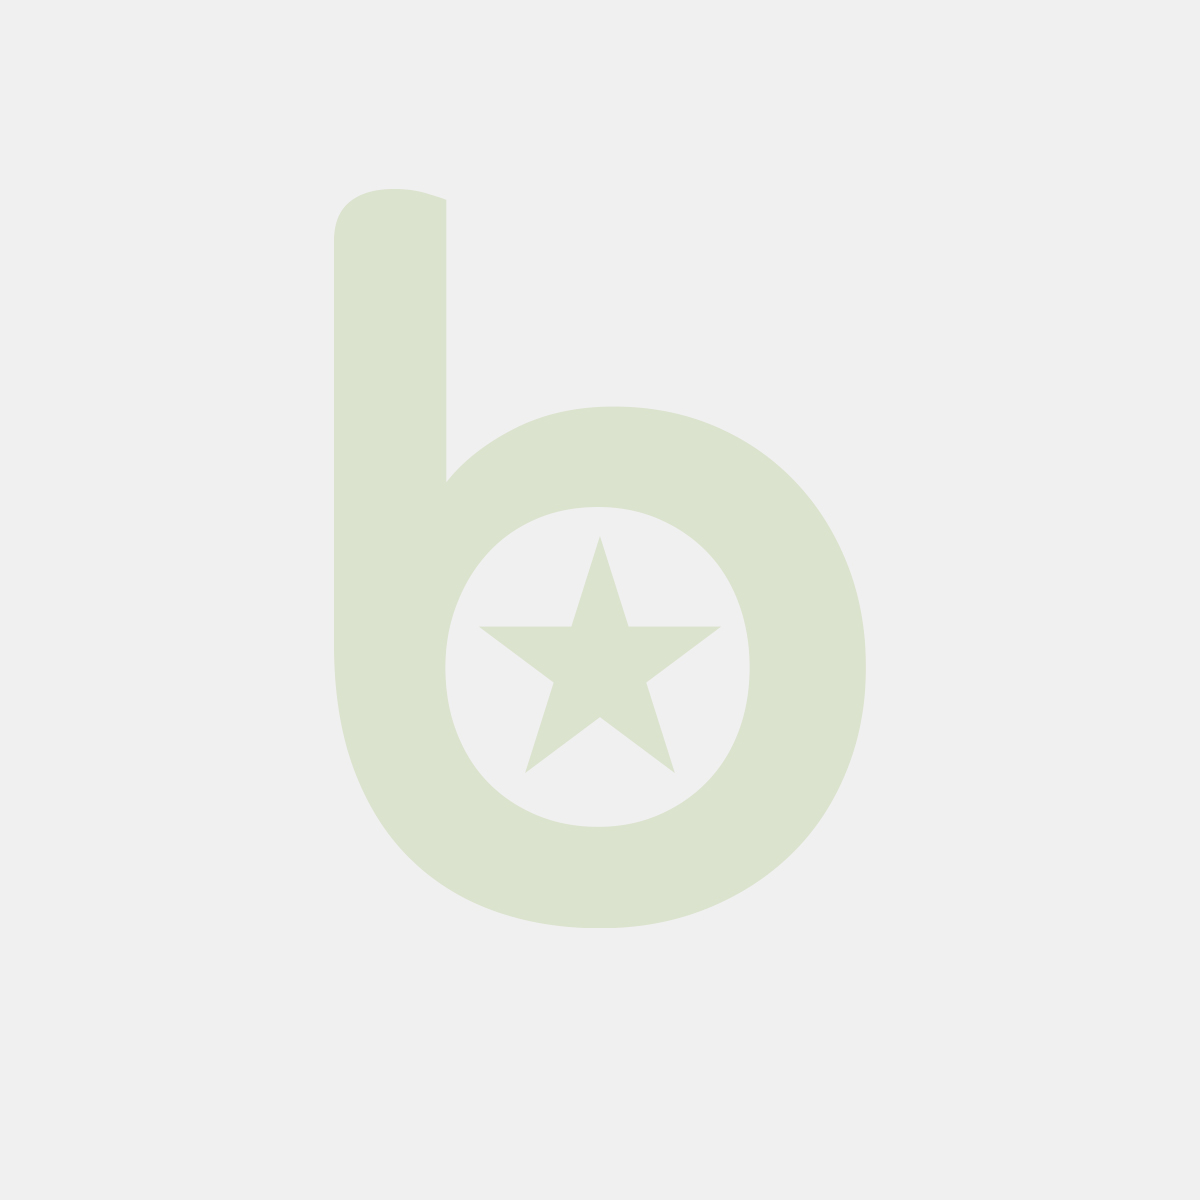 FINGERFOOD talerzyki z trzciny cukrowej EGG 12,4 x 11,2cm , cena za opakowanie 50szt